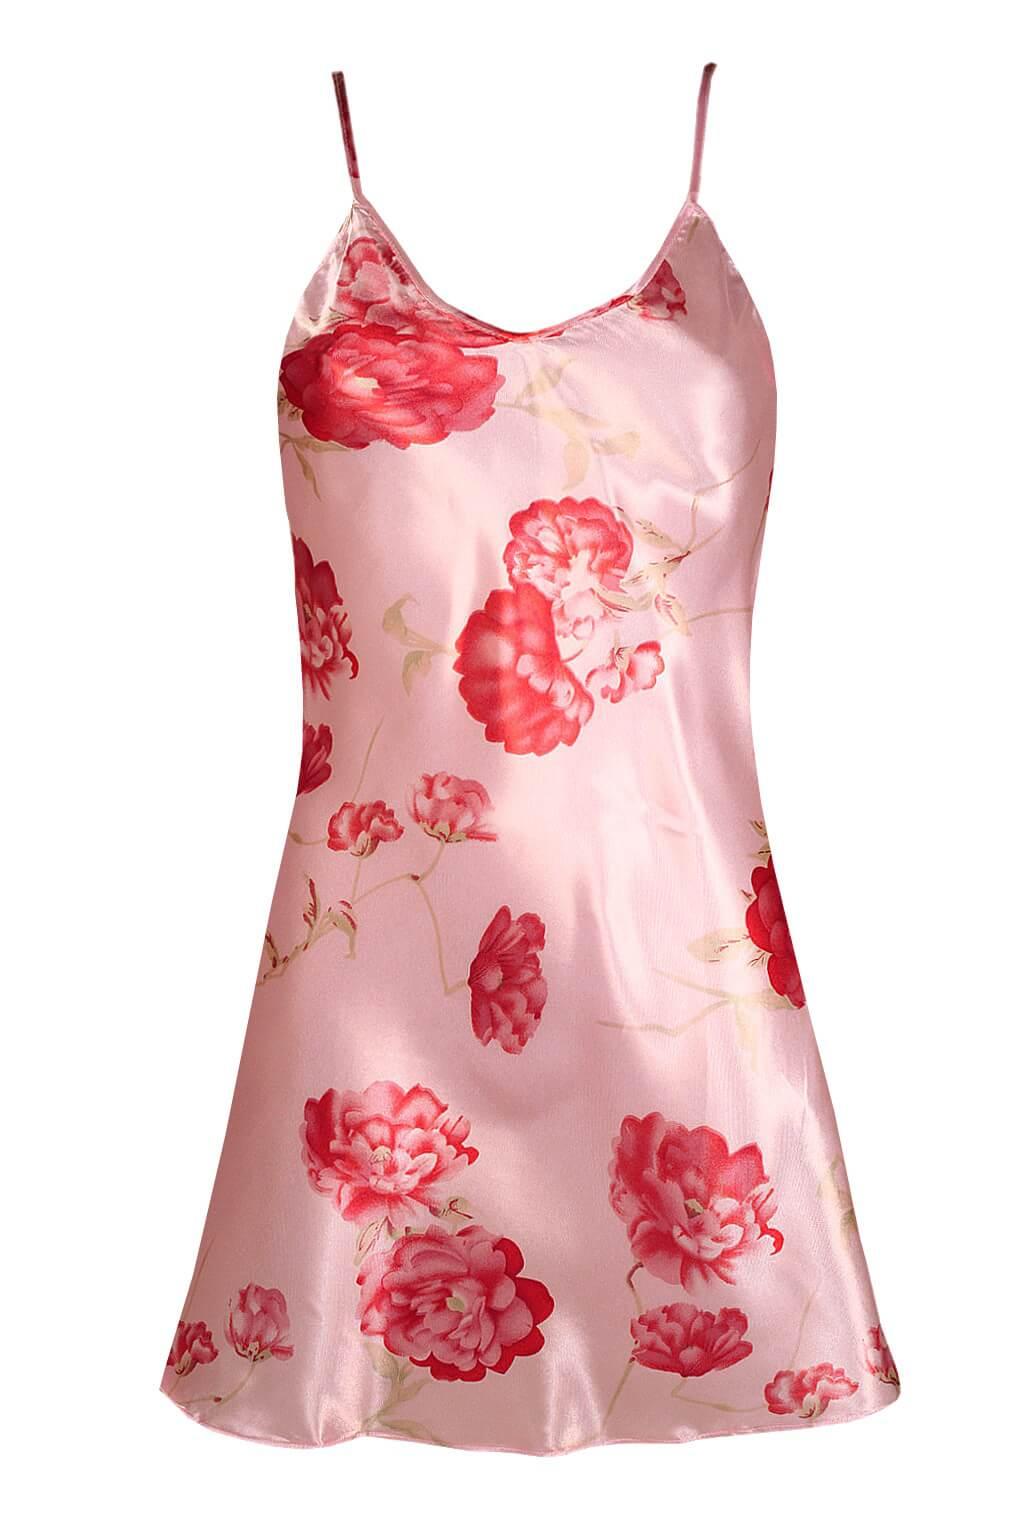 Helena noční saténová košilka XL růžová